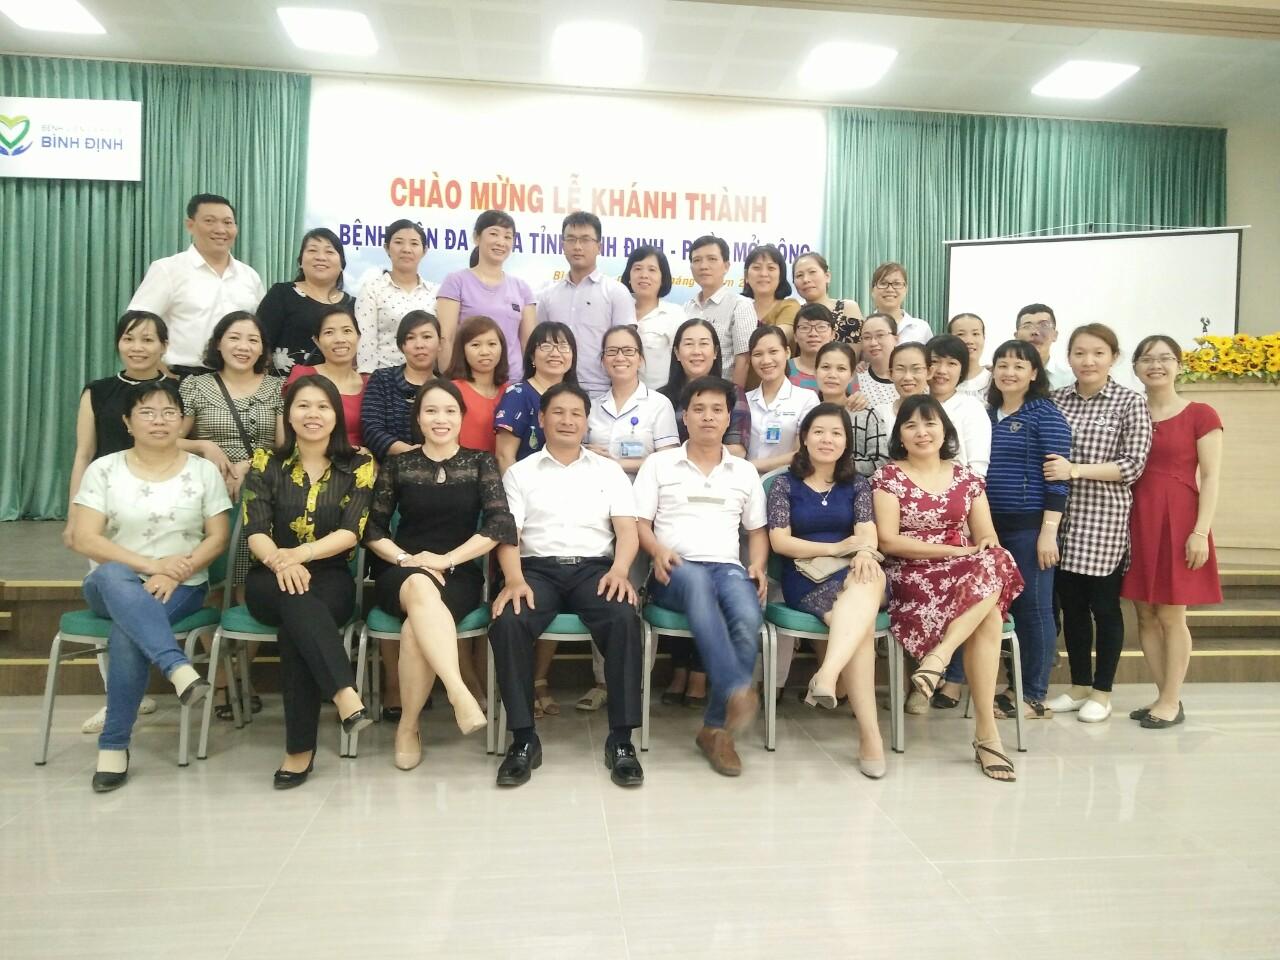 Bệnh viện đa khoa tỉnh Bình Định tổ chức khóa - Đào tạo giảng viên/người hướng dẫn thực hành lâm sàng (TOT)